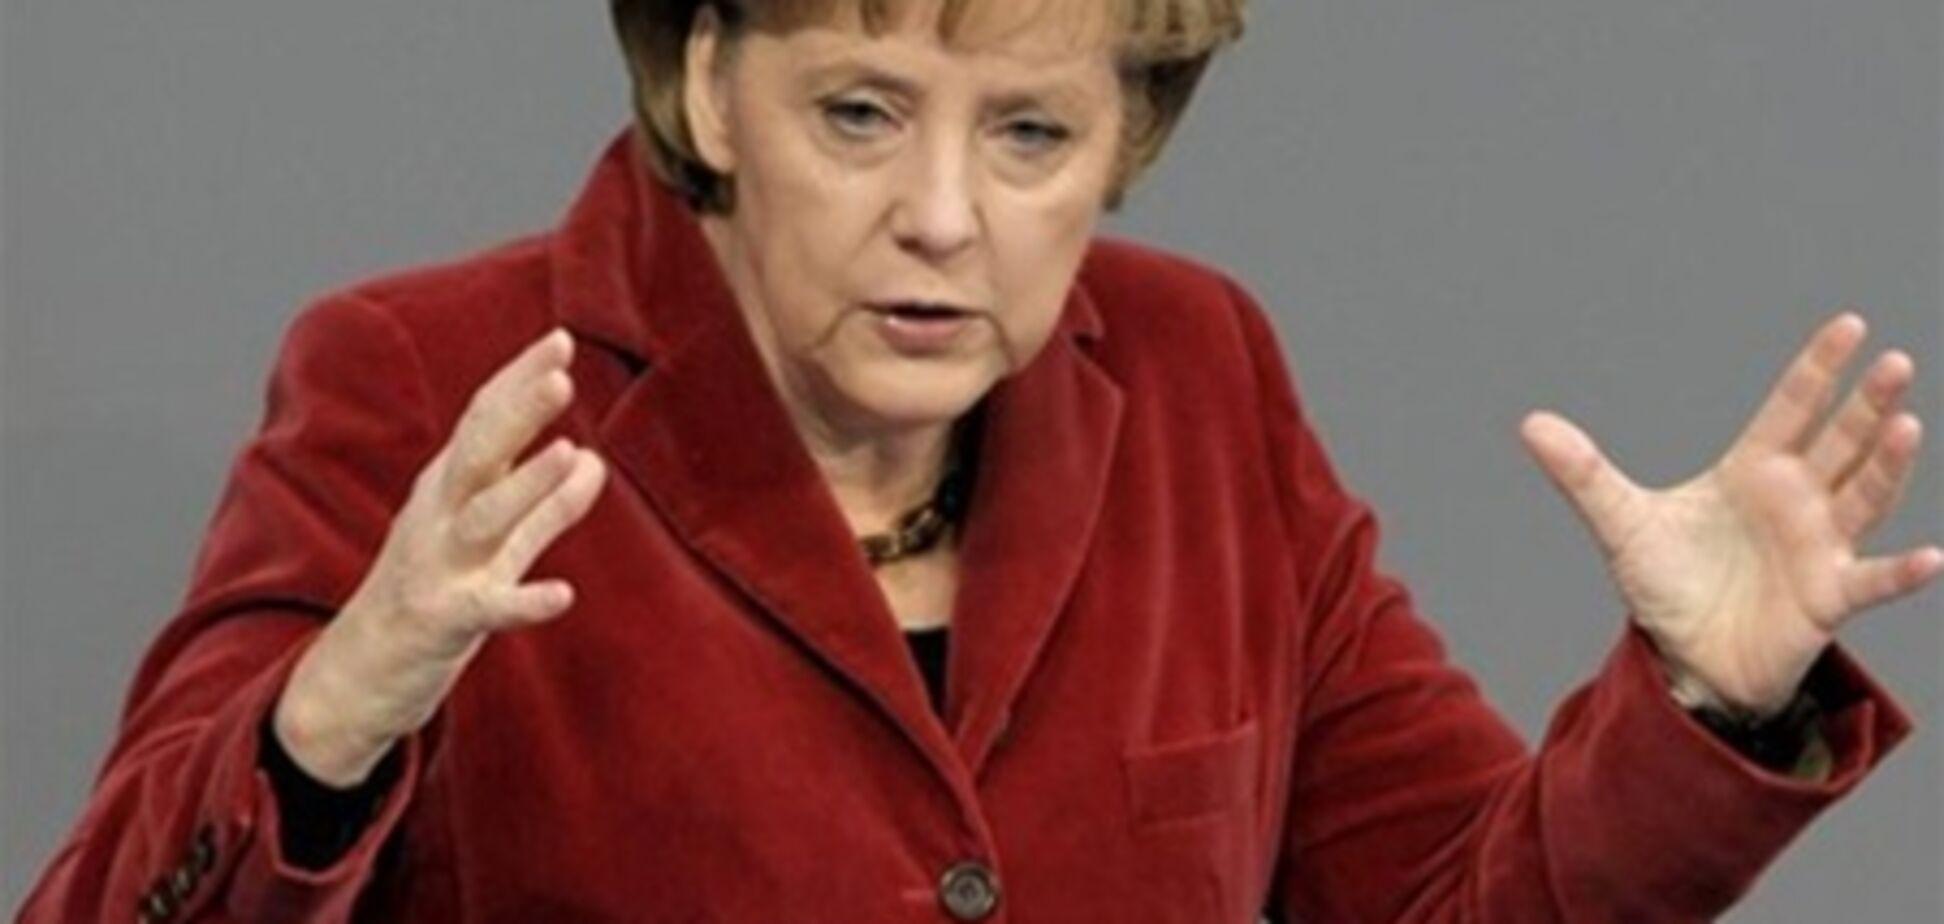 Лагерфельд похвалив стиль Меркель